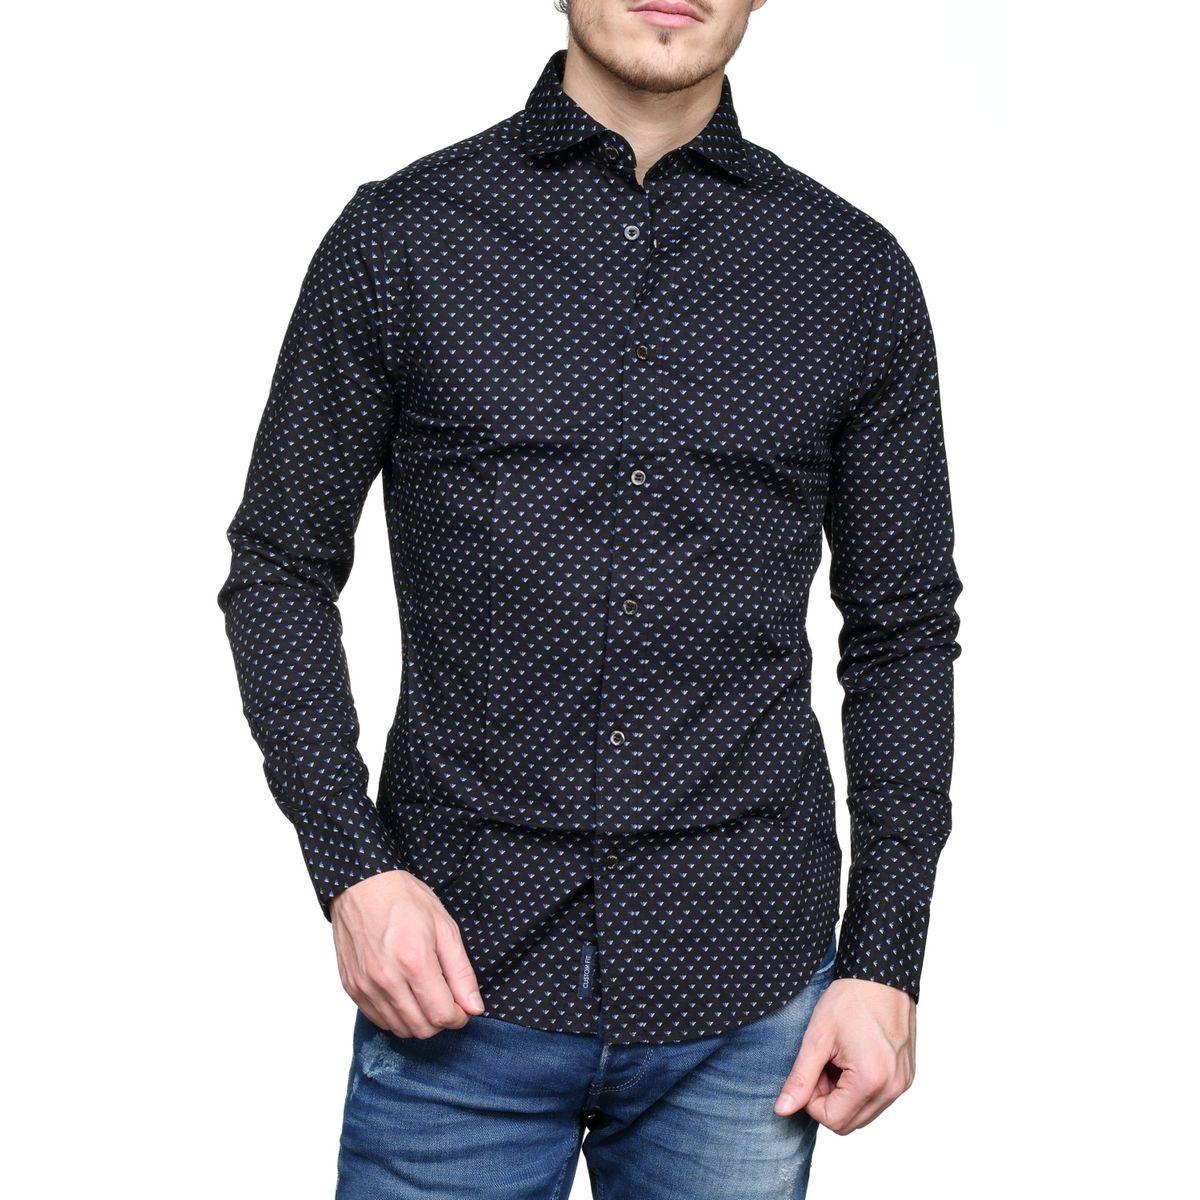 Chemise habillée 6y6c74 - 6nmvz